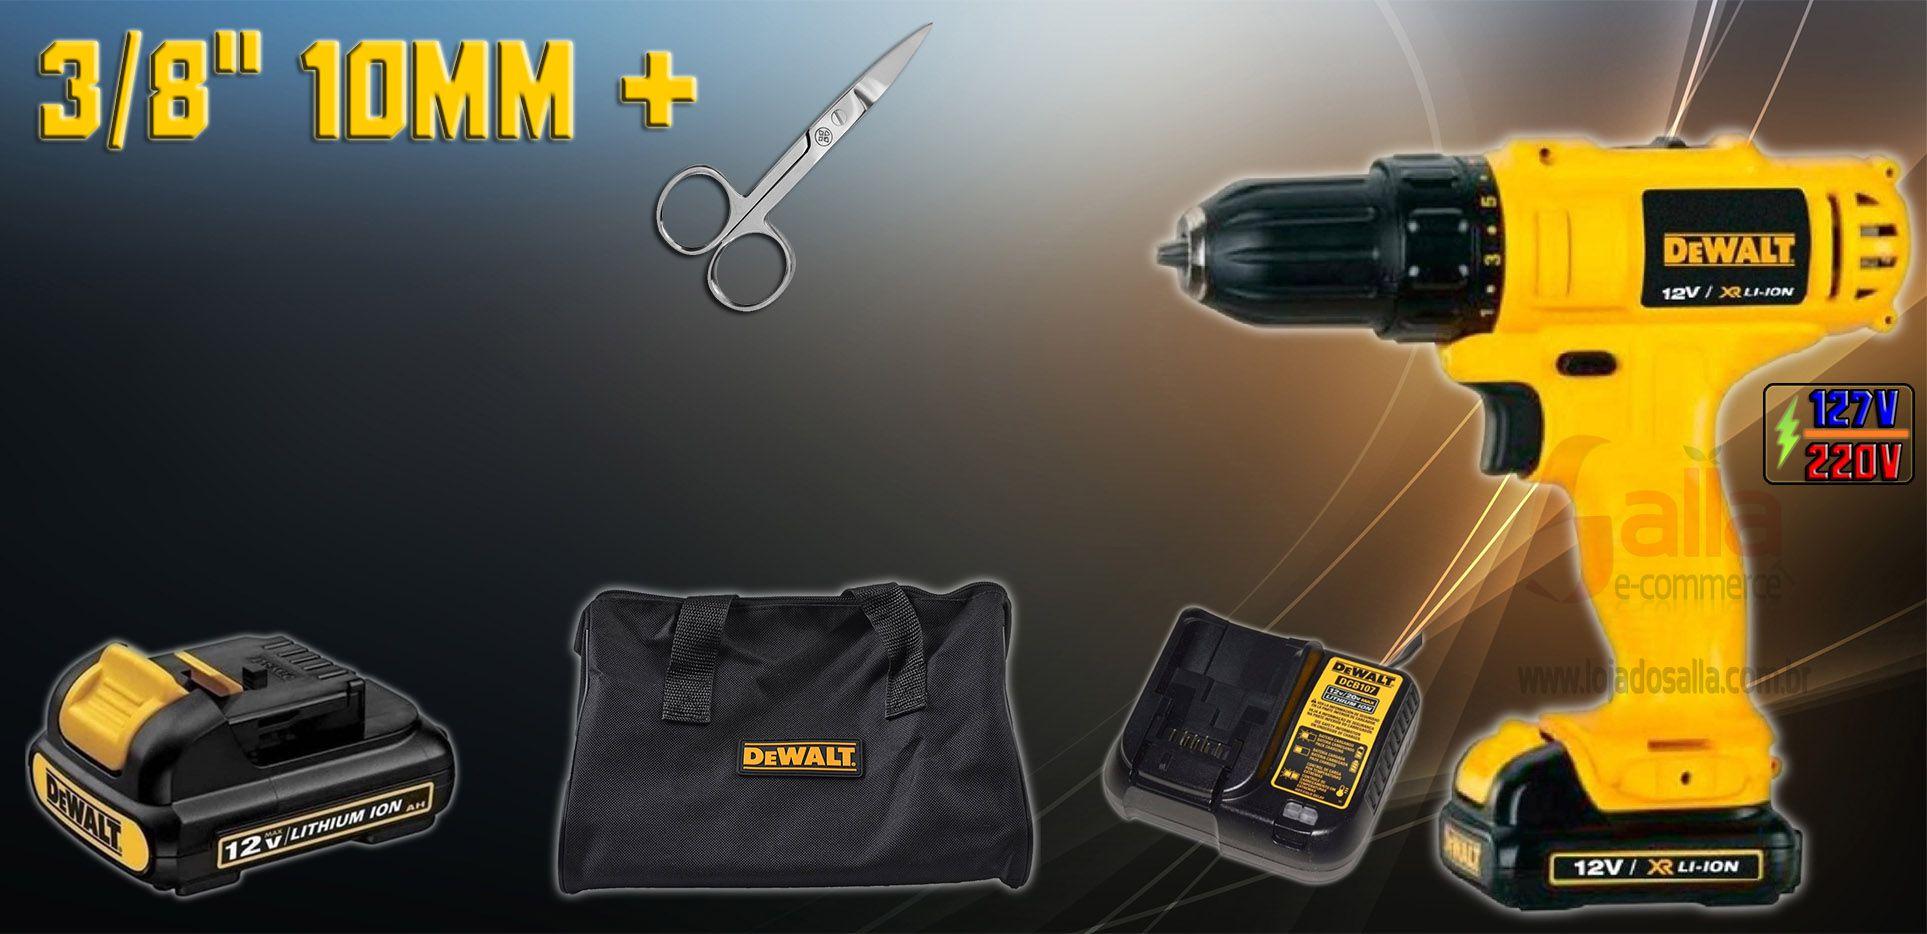 Furadeira/Parafusadeira 12v c/2 Baterias e Bolsa Dewalt DCD700C2 Bivolt + Tesoura Mundial